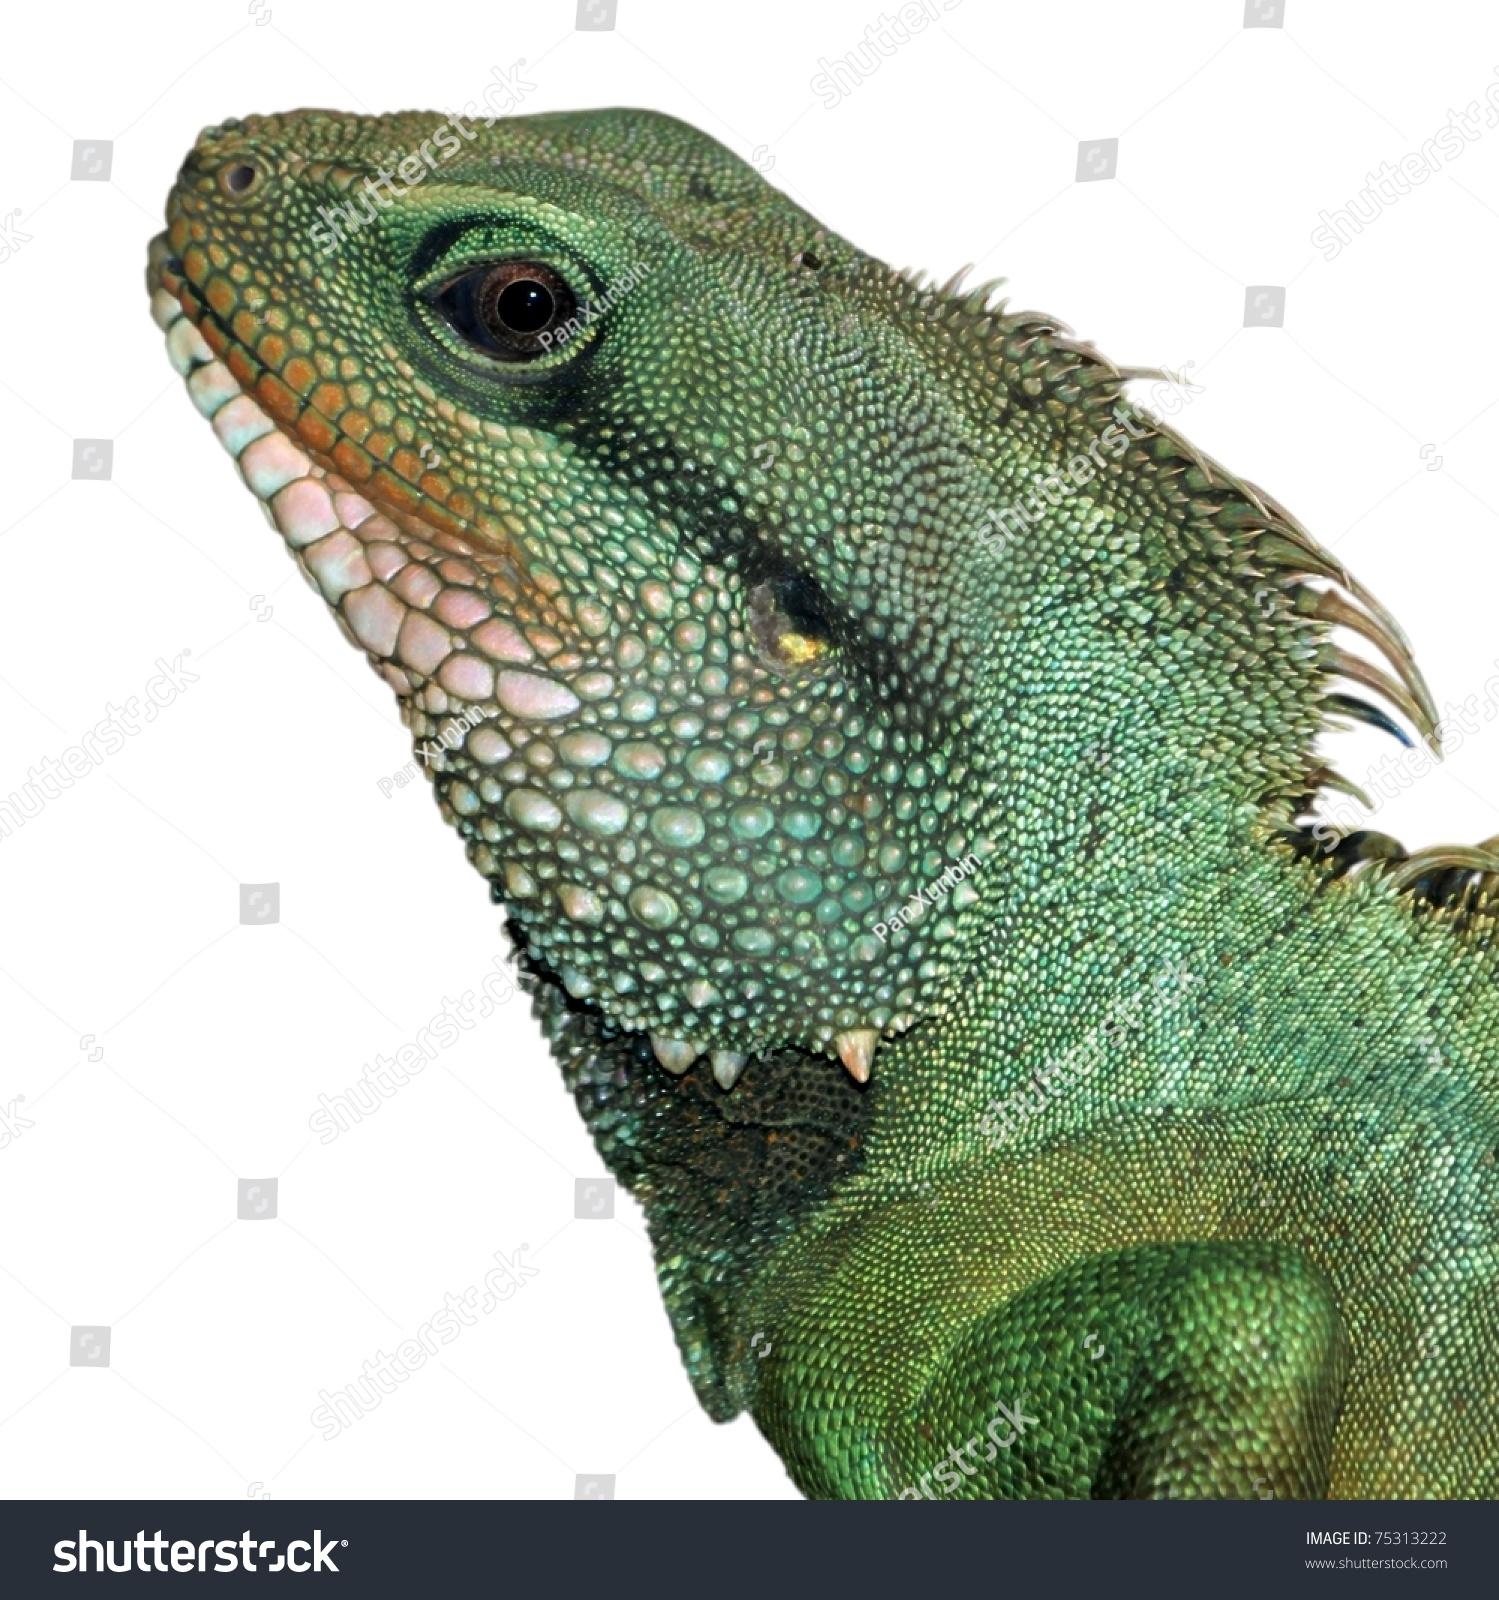 Green Lizard Head Stock Photo (Royalty Free) 75313222 - Shutterstock